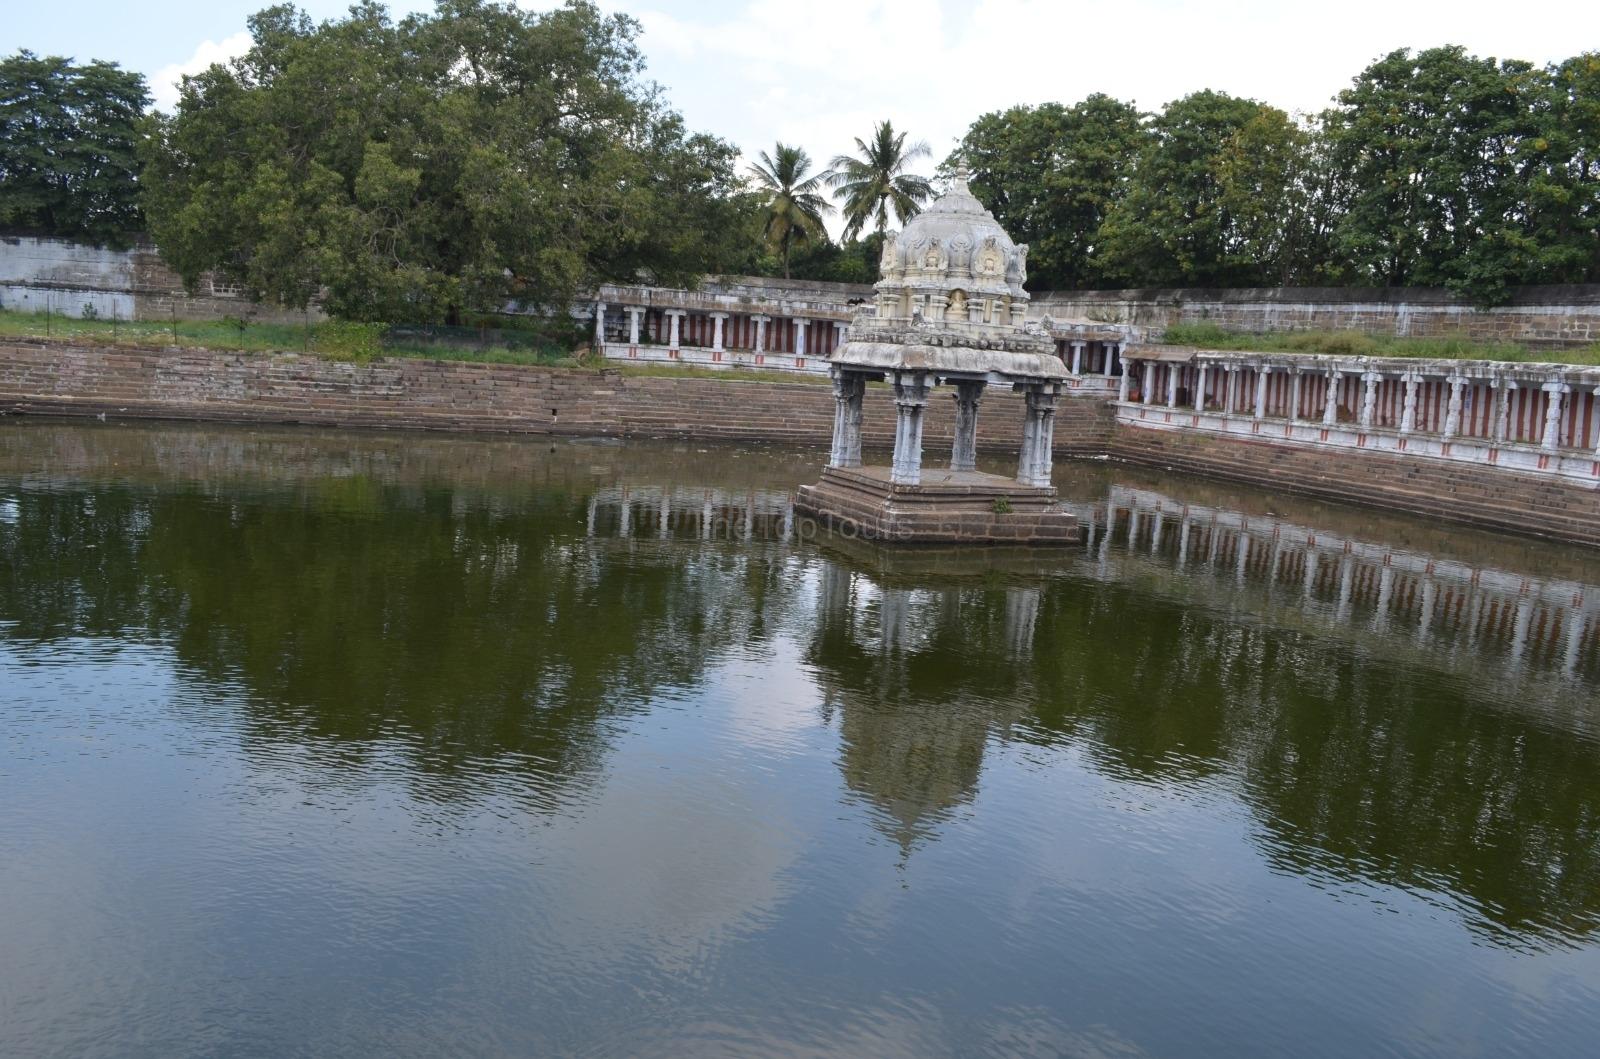 Ekambaranathar Temple Lake Kanchipuram, Tamil Nadu